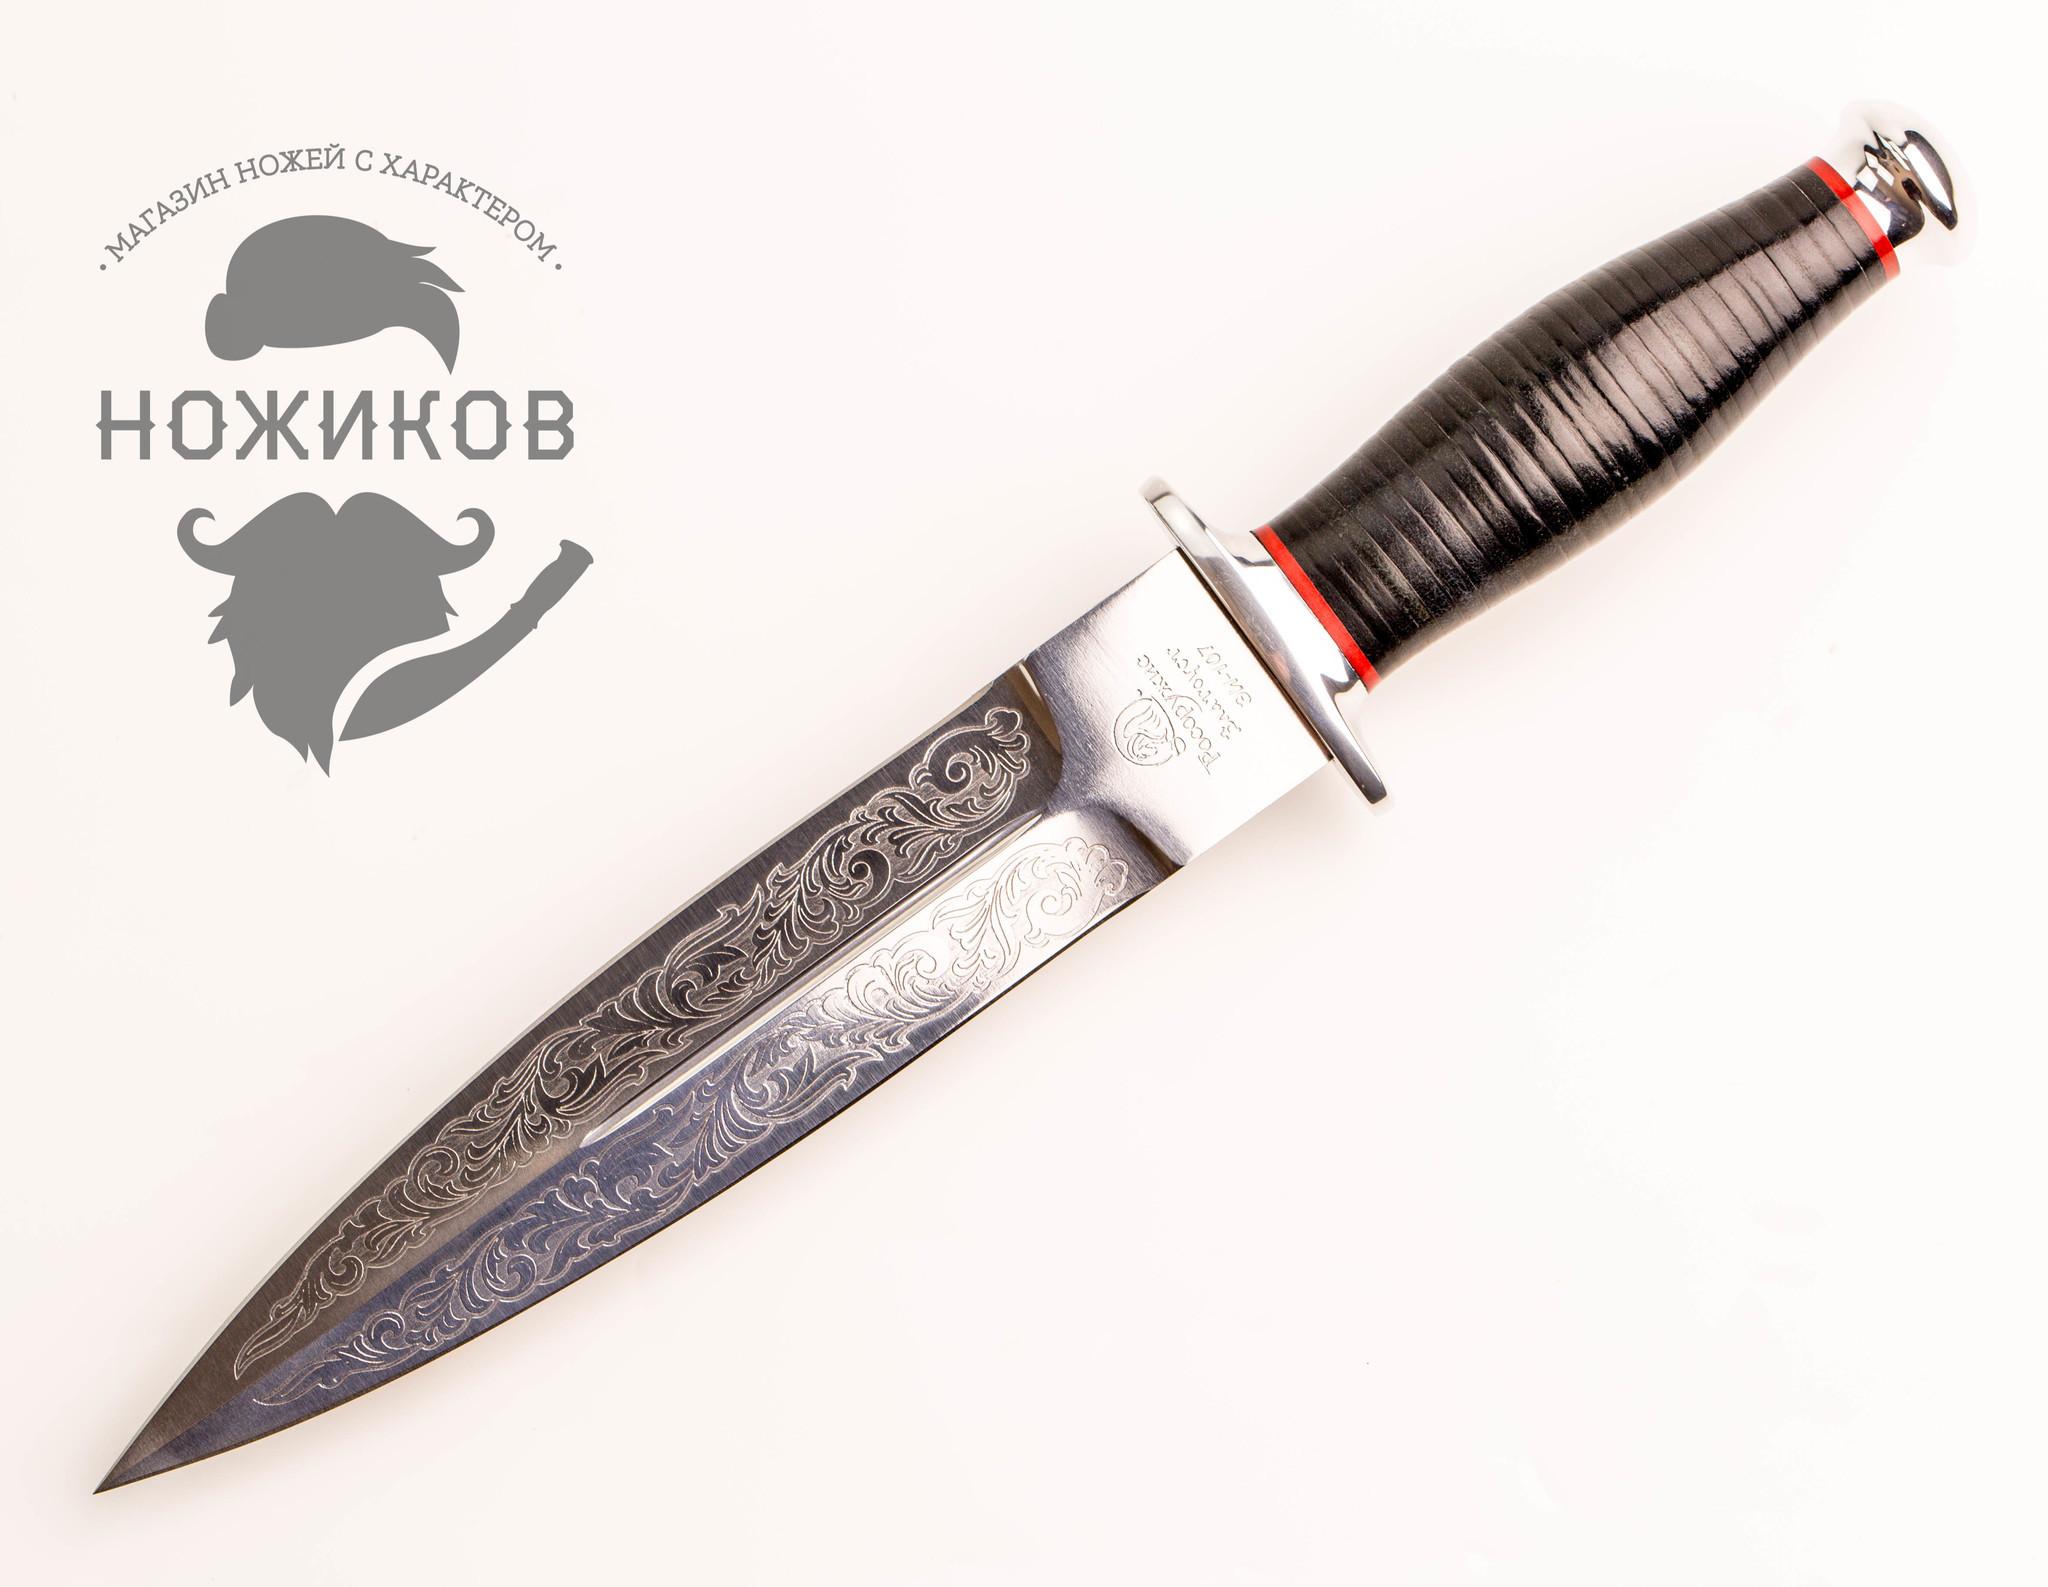 Кинжал Охотничий, Златоуст, ЭИ-107